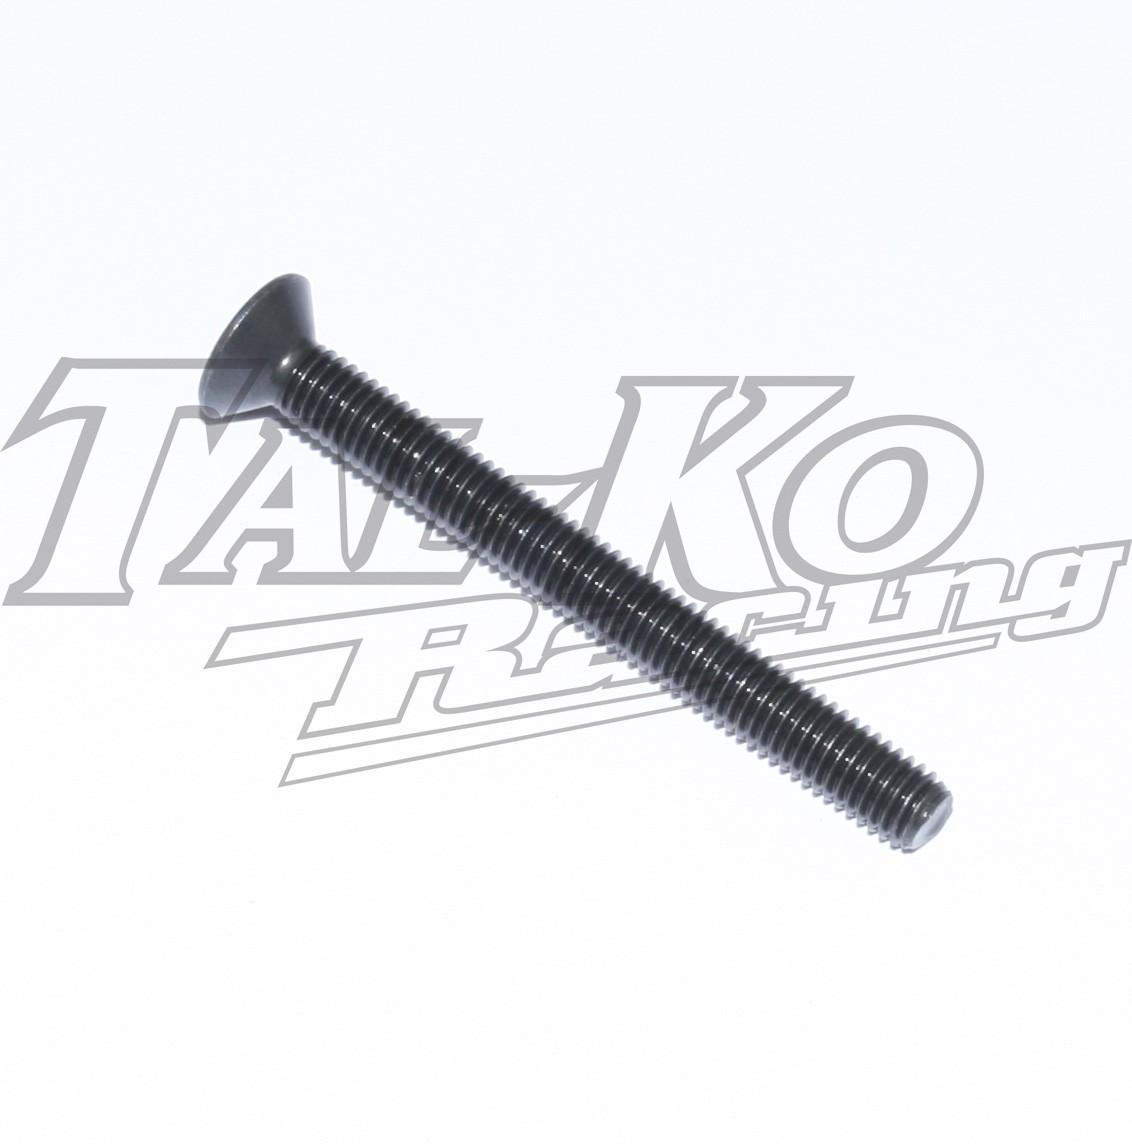 BOLT CSK M8 X 80mm